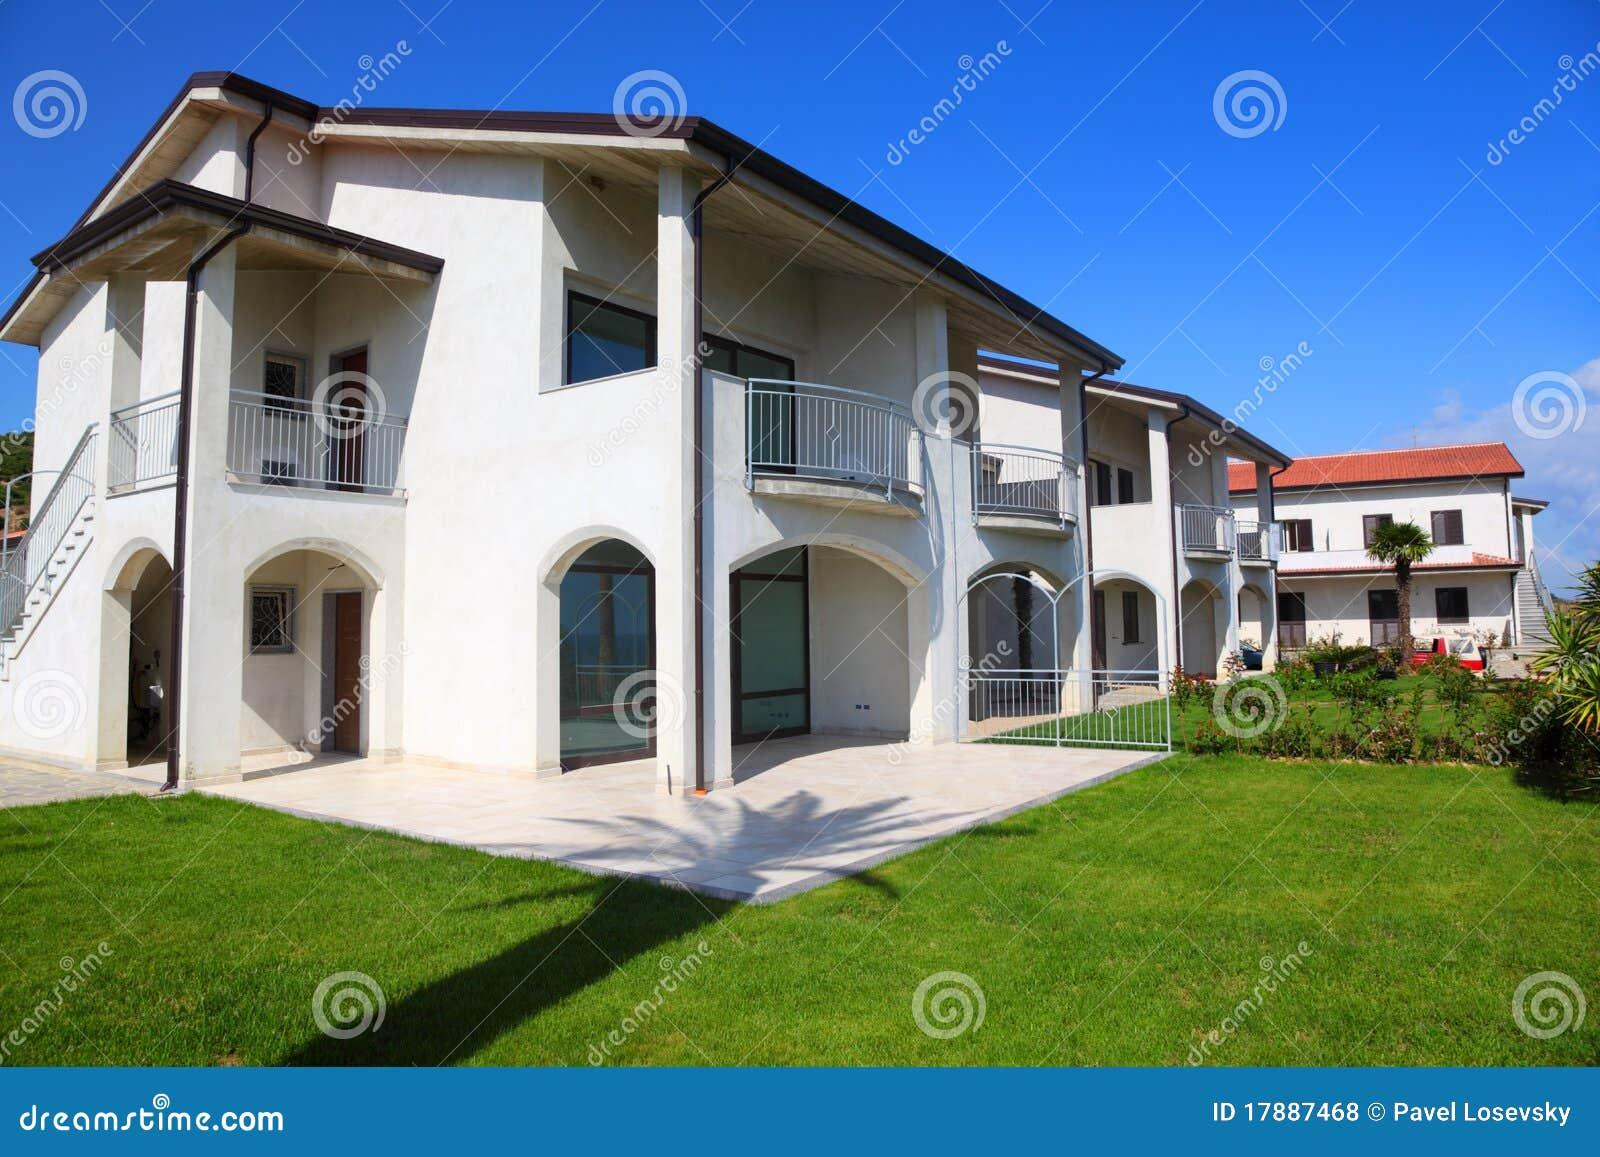 facciata della casa a due piani bianca con il giardino